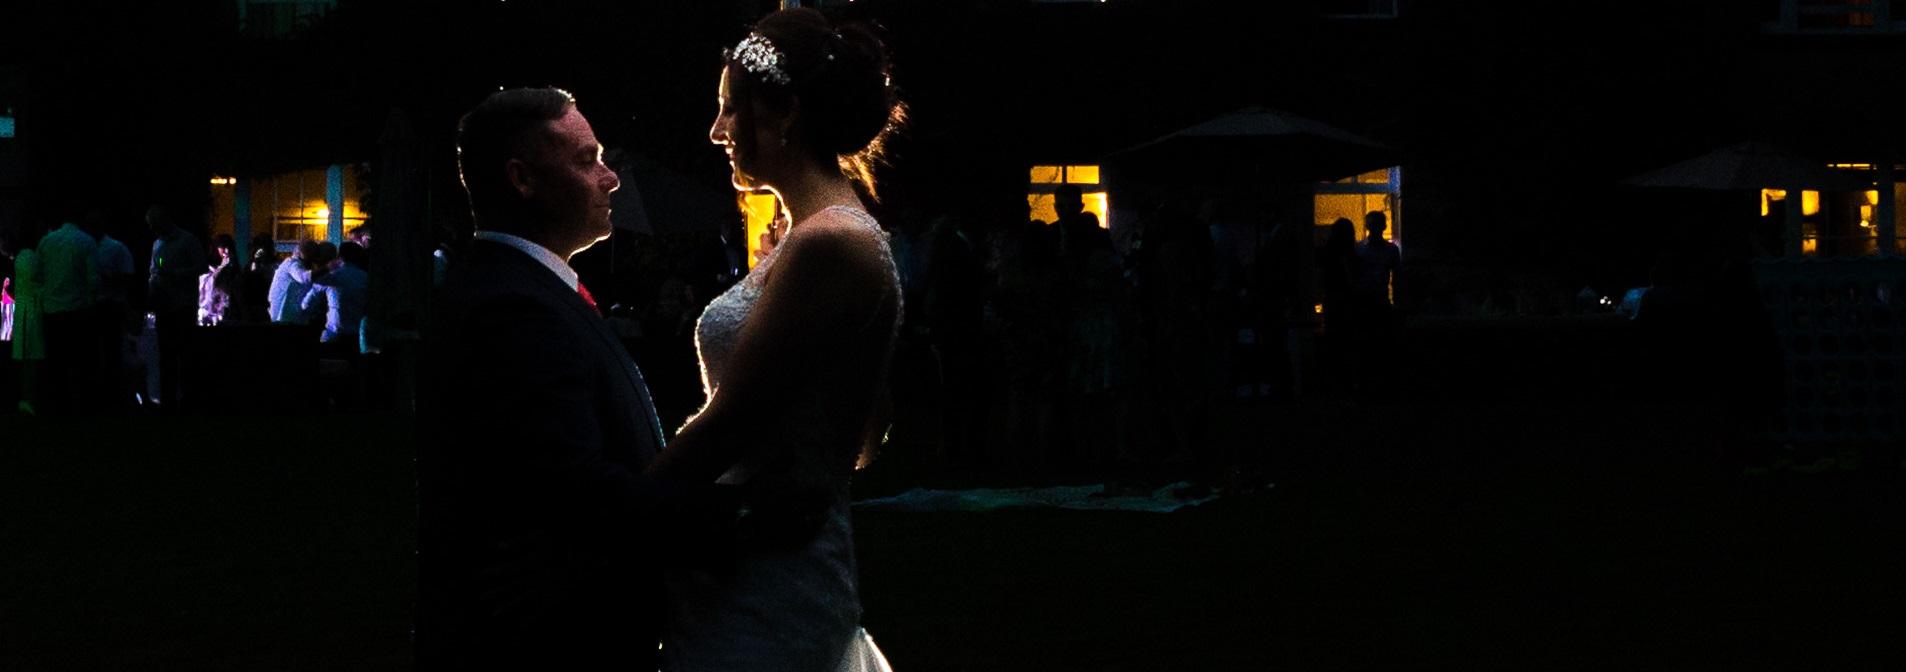 Jodie and Gareth Part 2 of 2 | Fairyhill Wedding, Gower, Swansea